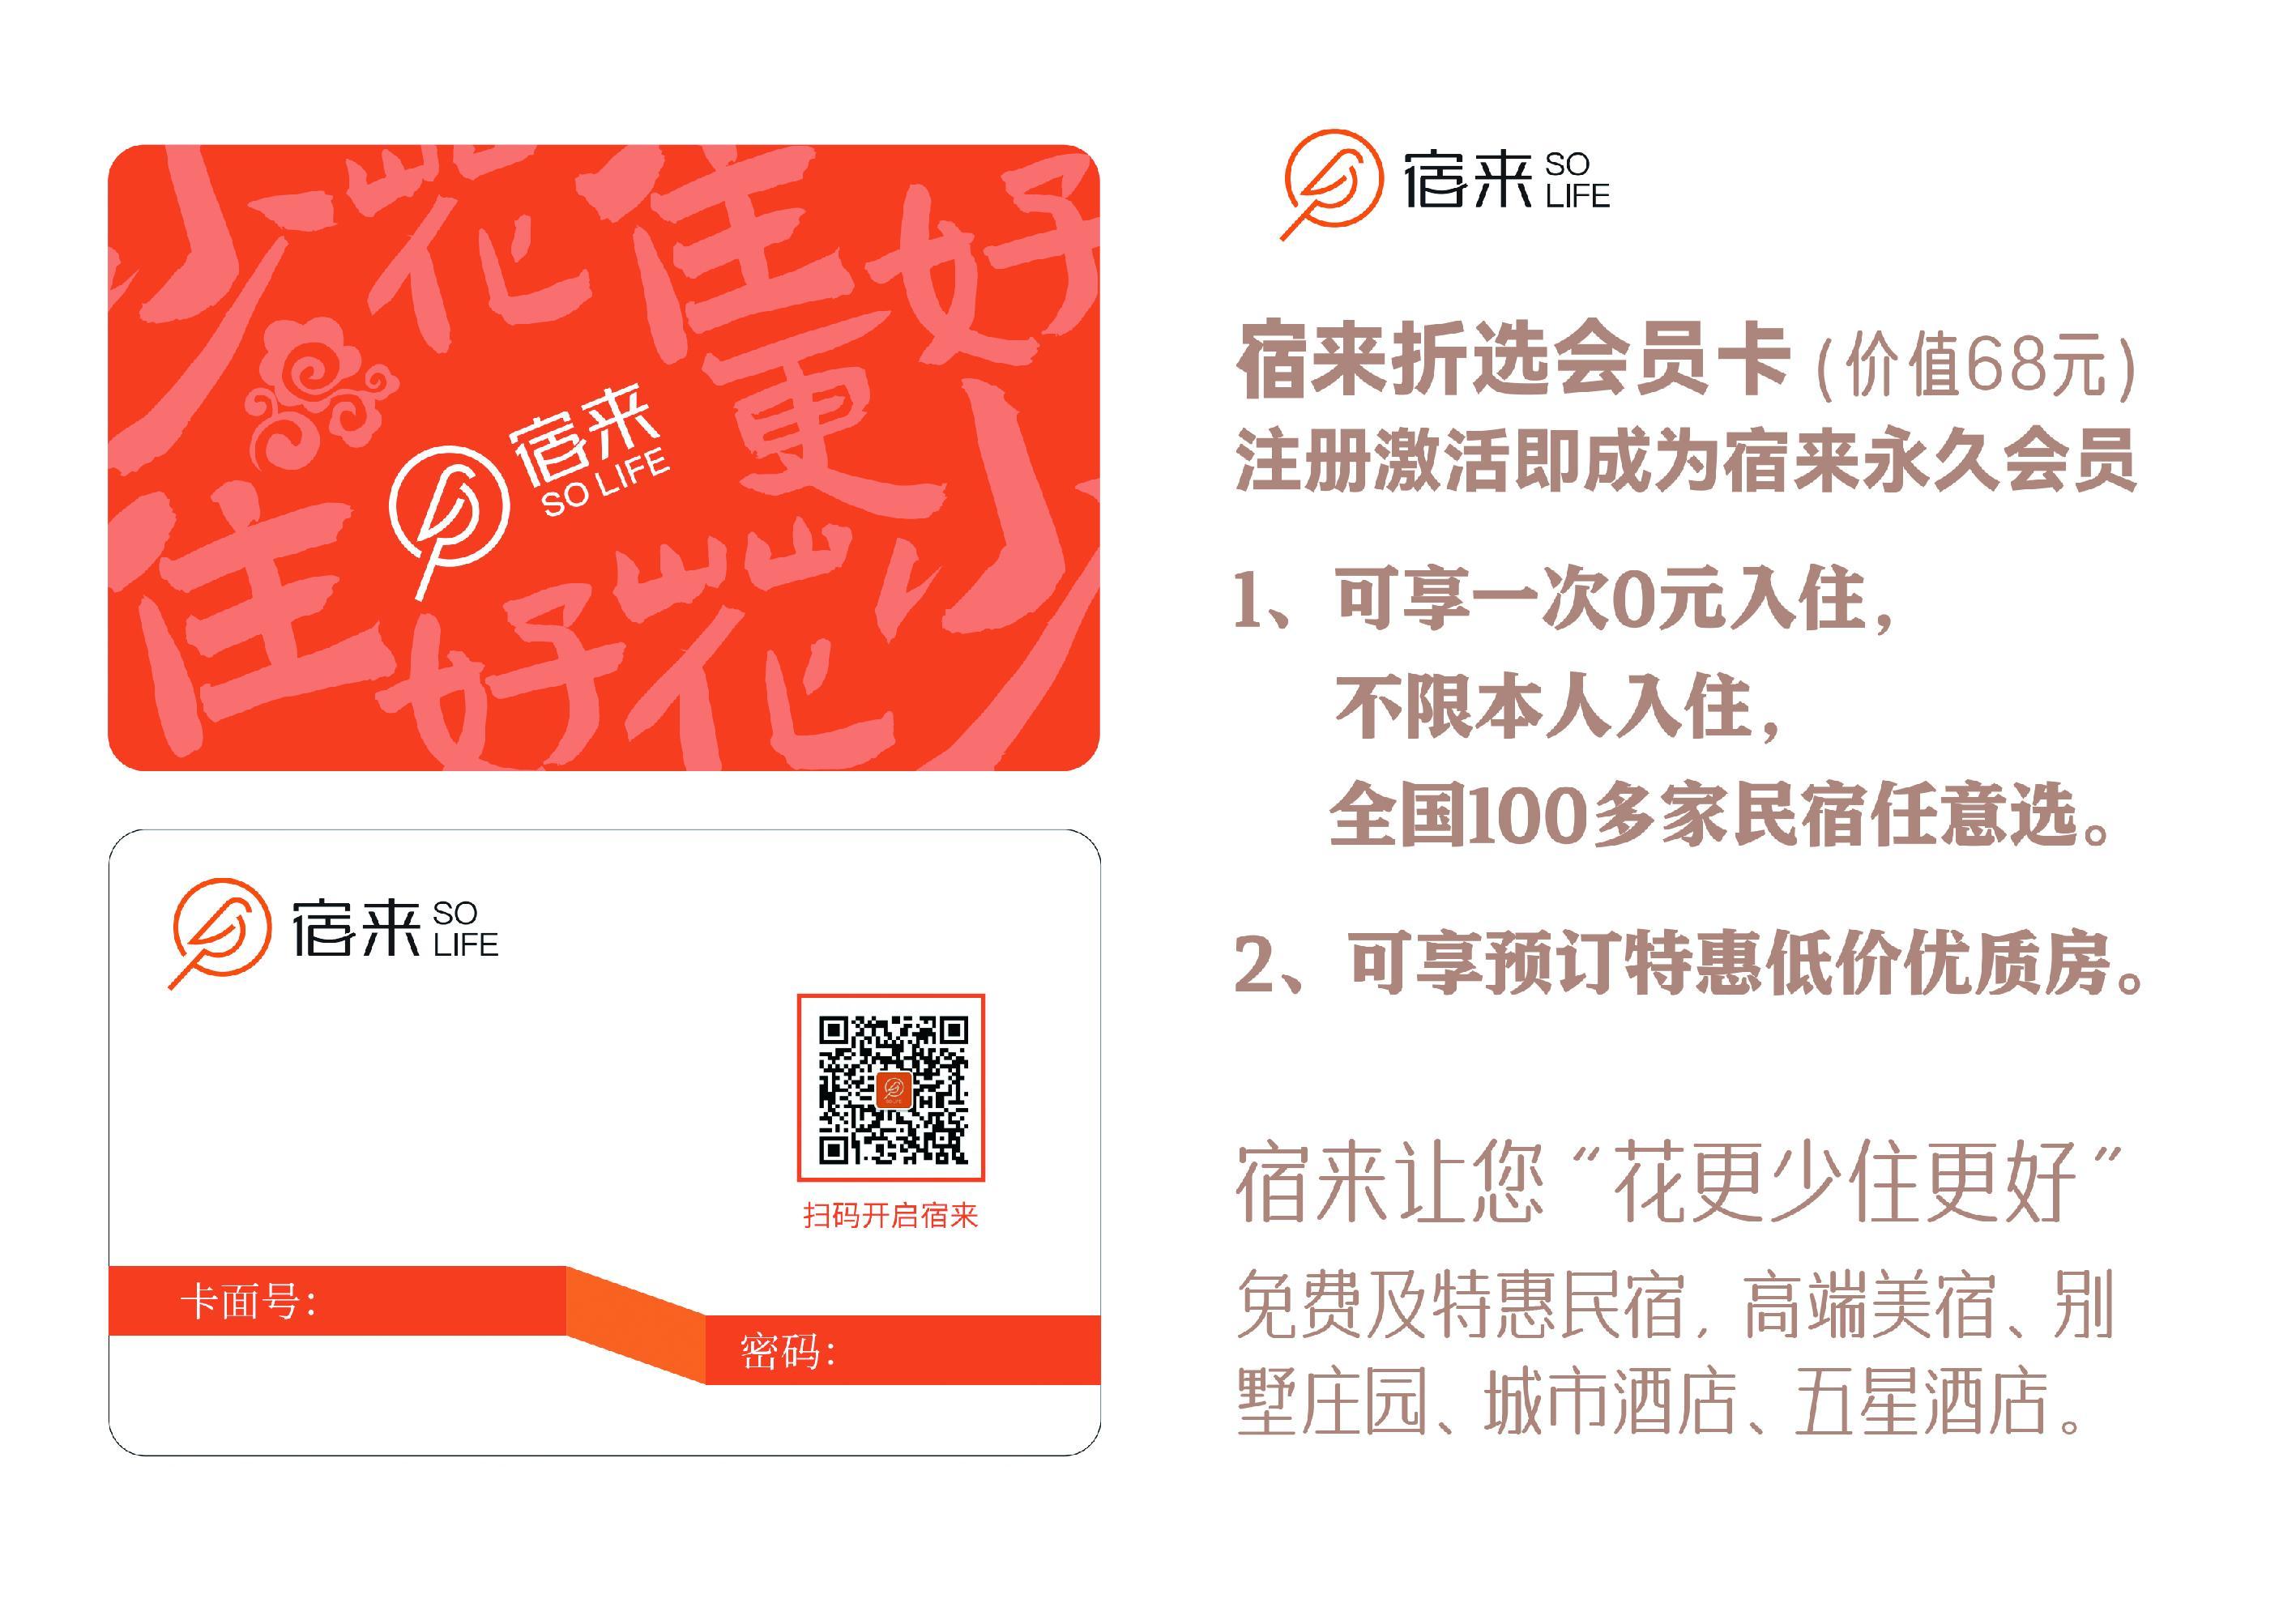 德基控股-宿来民宿折选卡,含一晚免费入住权益,50张包邮